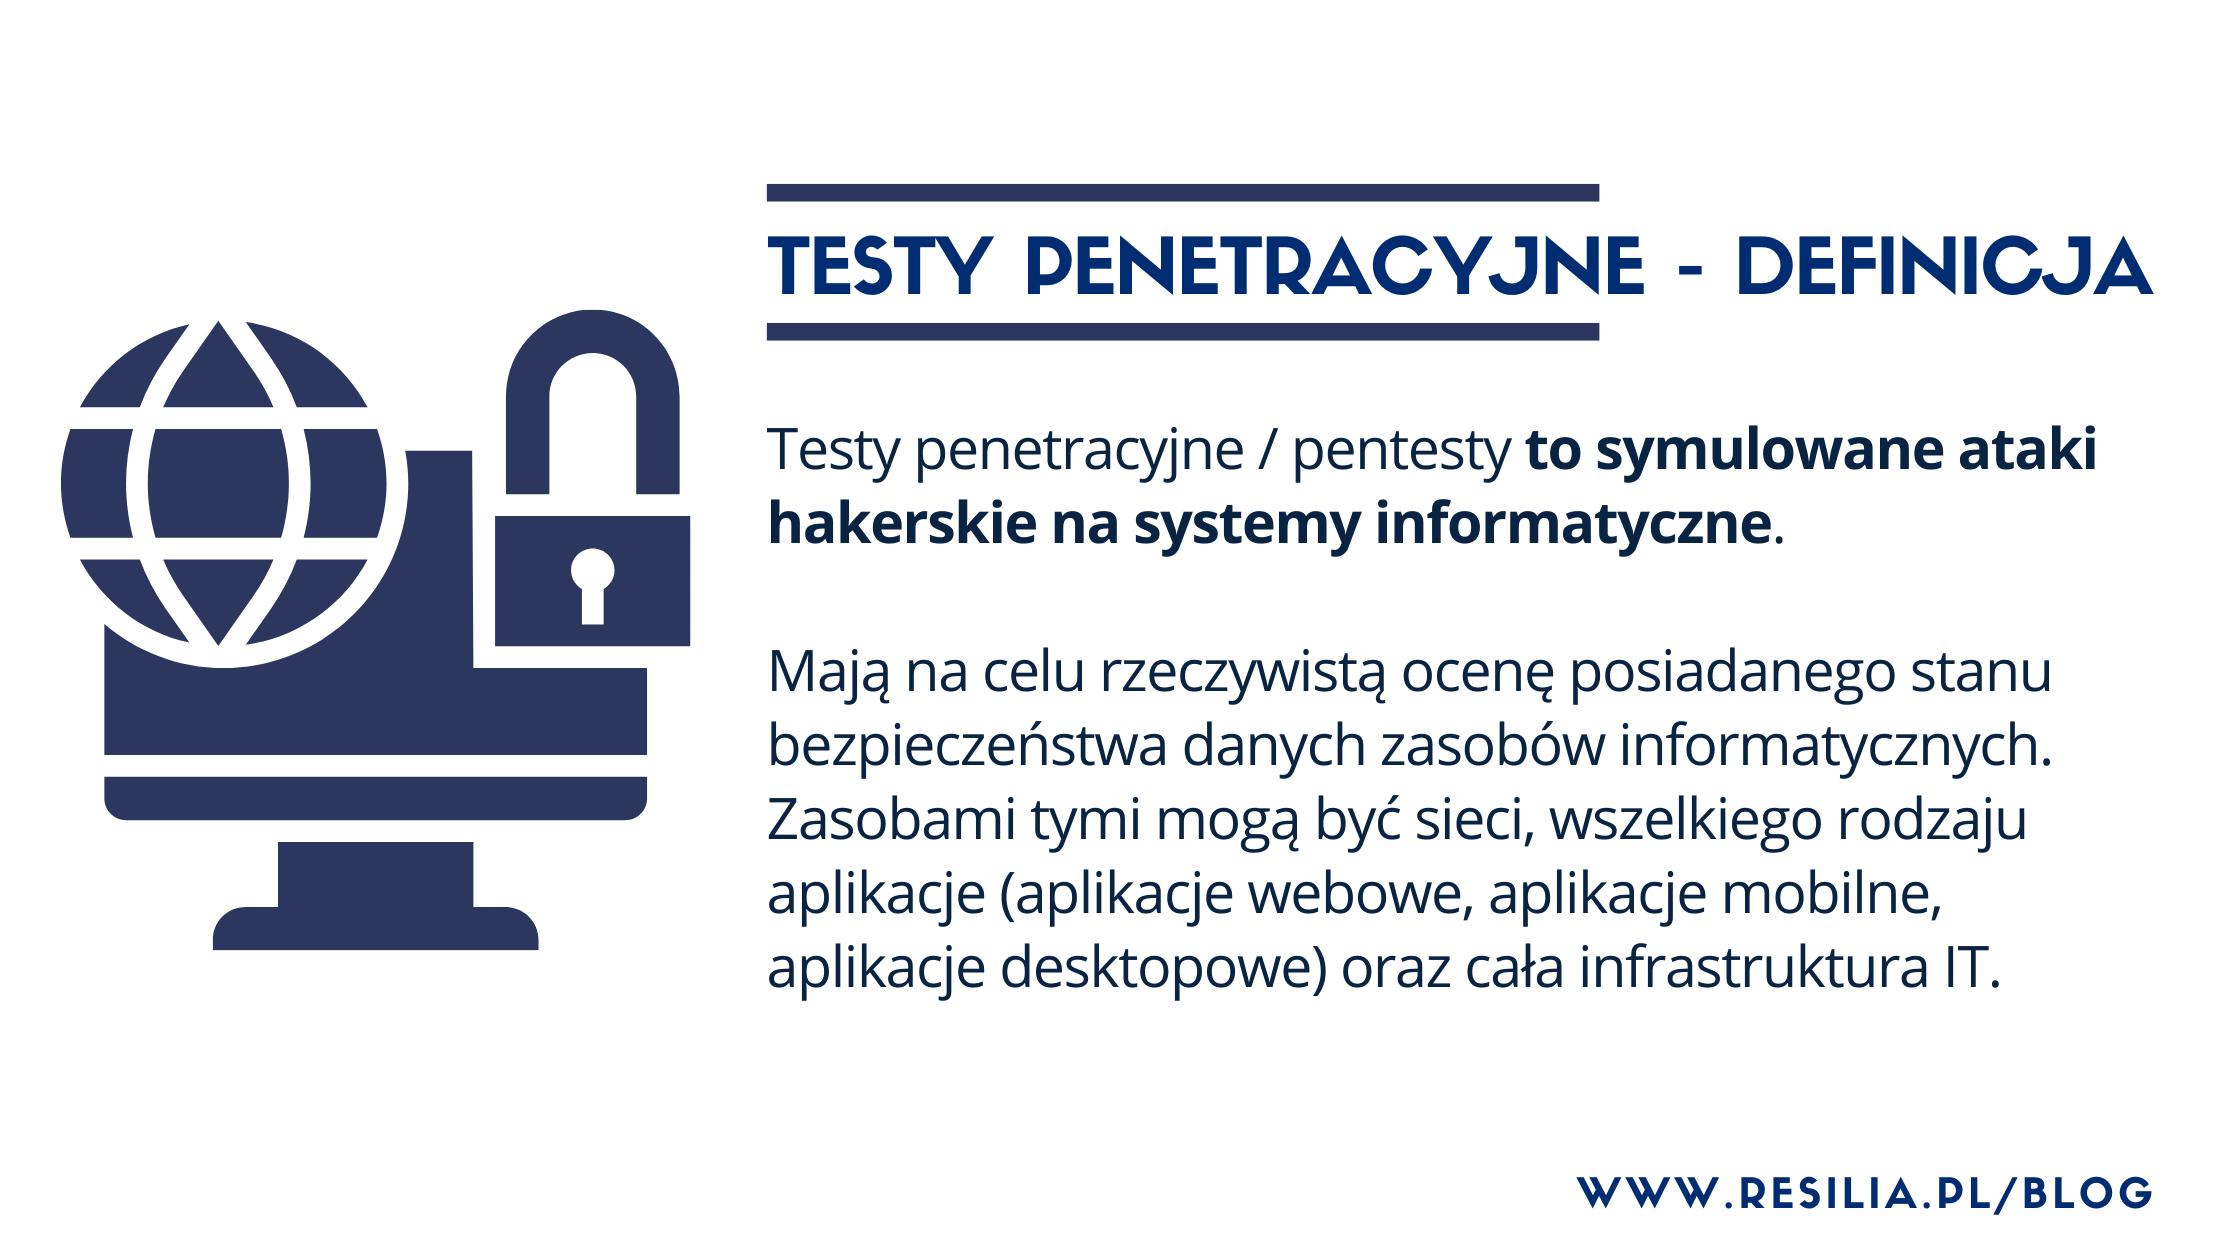 testy penetracyjne pentesty definicja co to znaczy